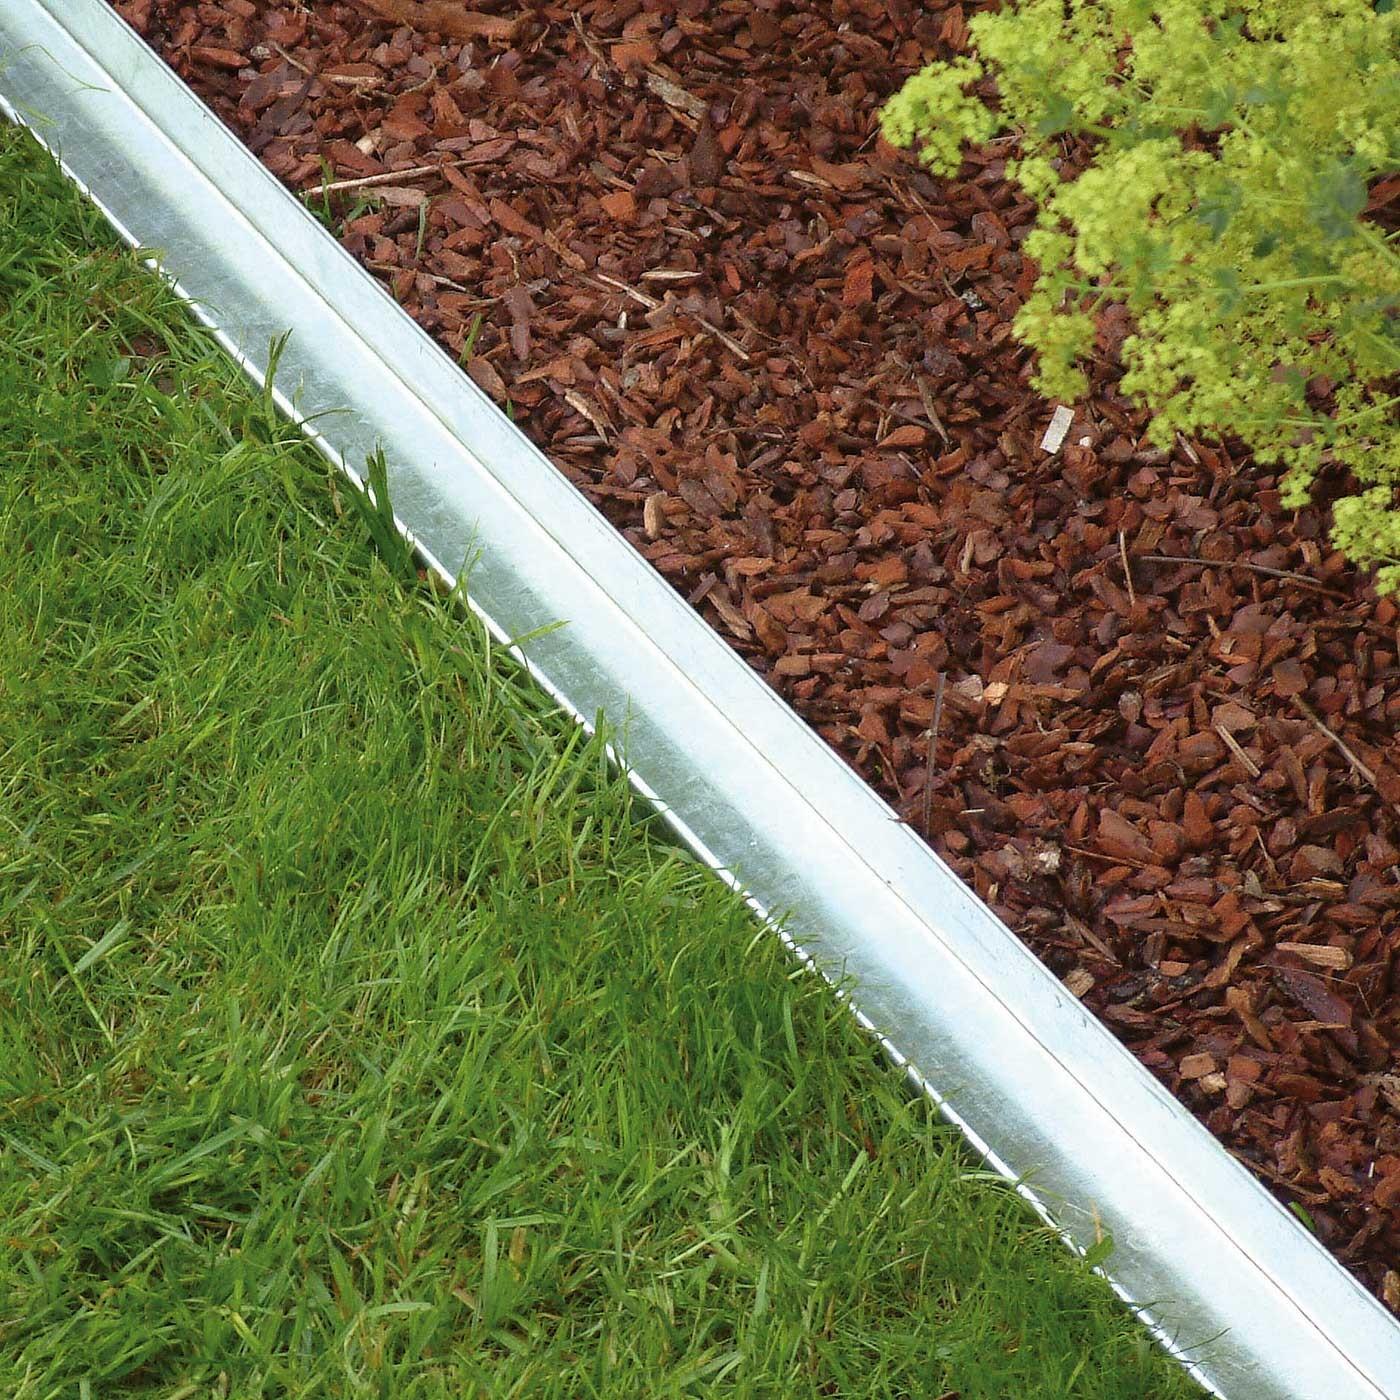 Bordure m tal droite 9 x 59 for Bordure metal pour jardin